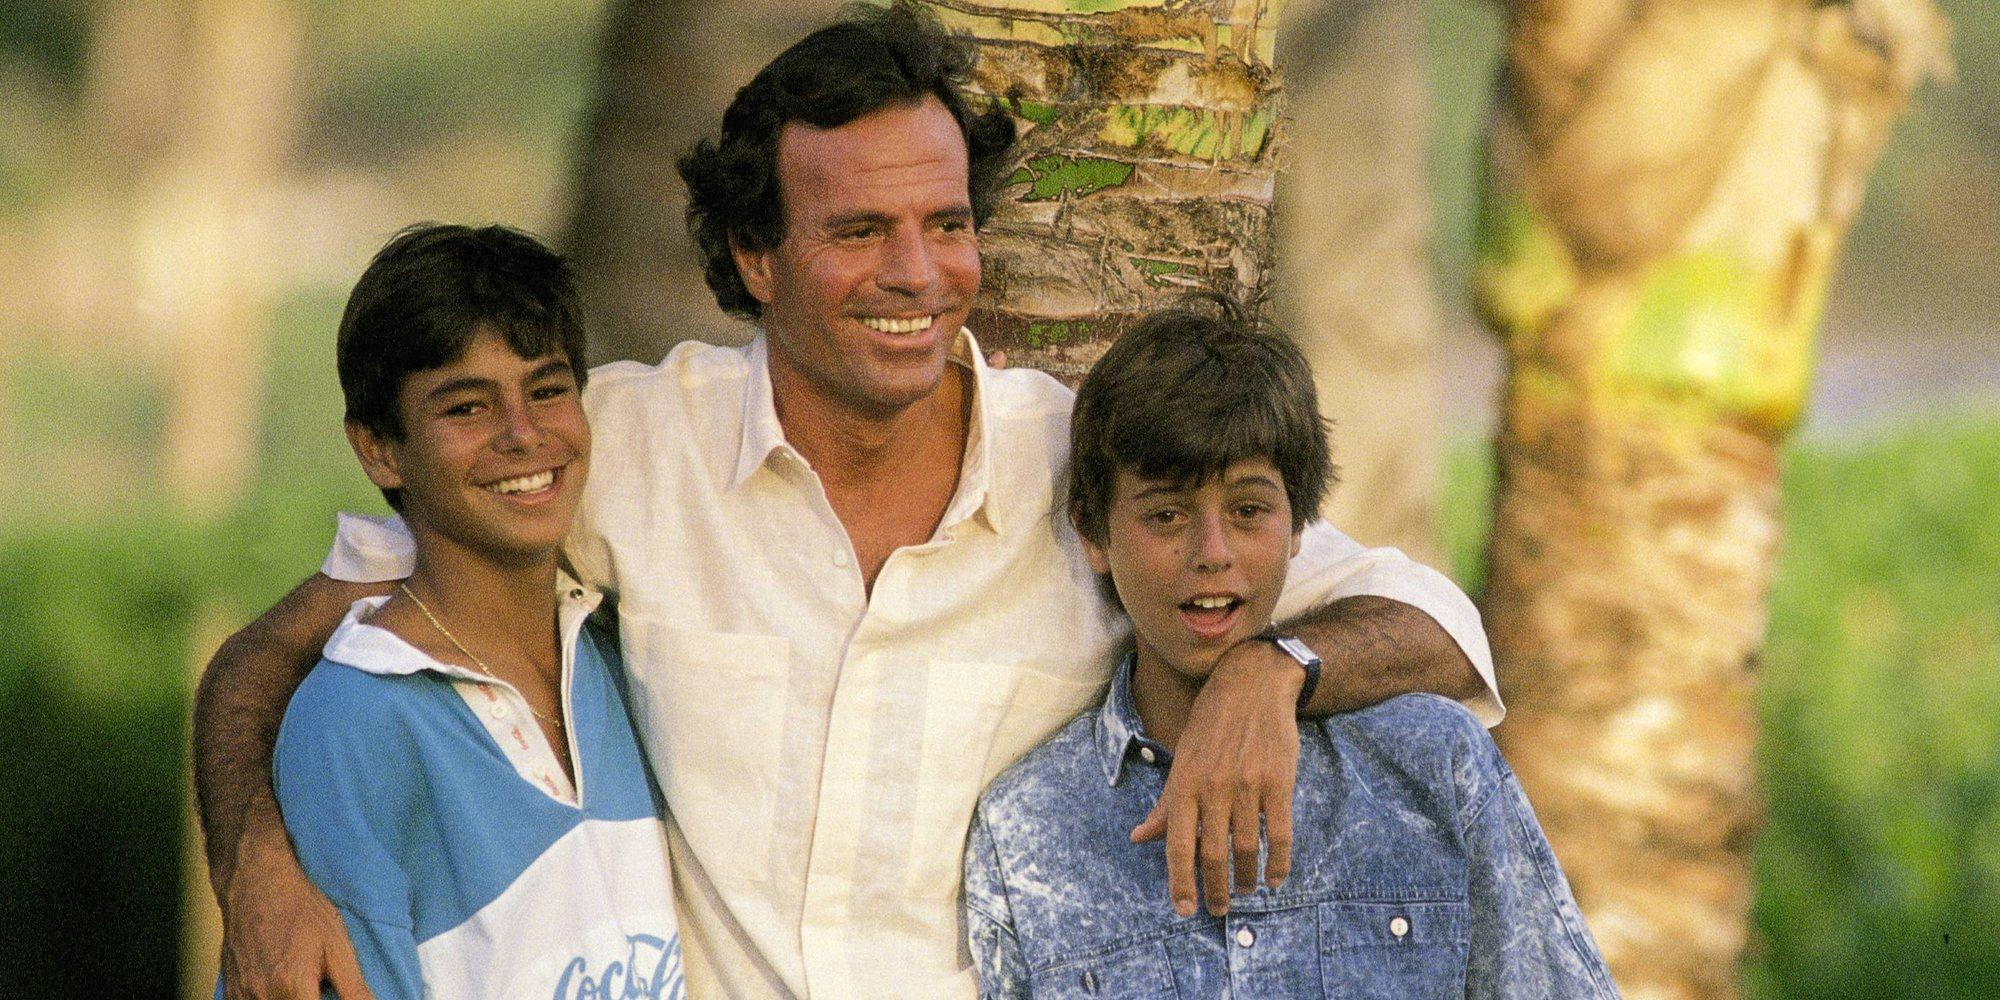 Julio Iglesias aclara la relación que tiene con sus hijos y habla sobre sus nietos, los hijos de Enrique